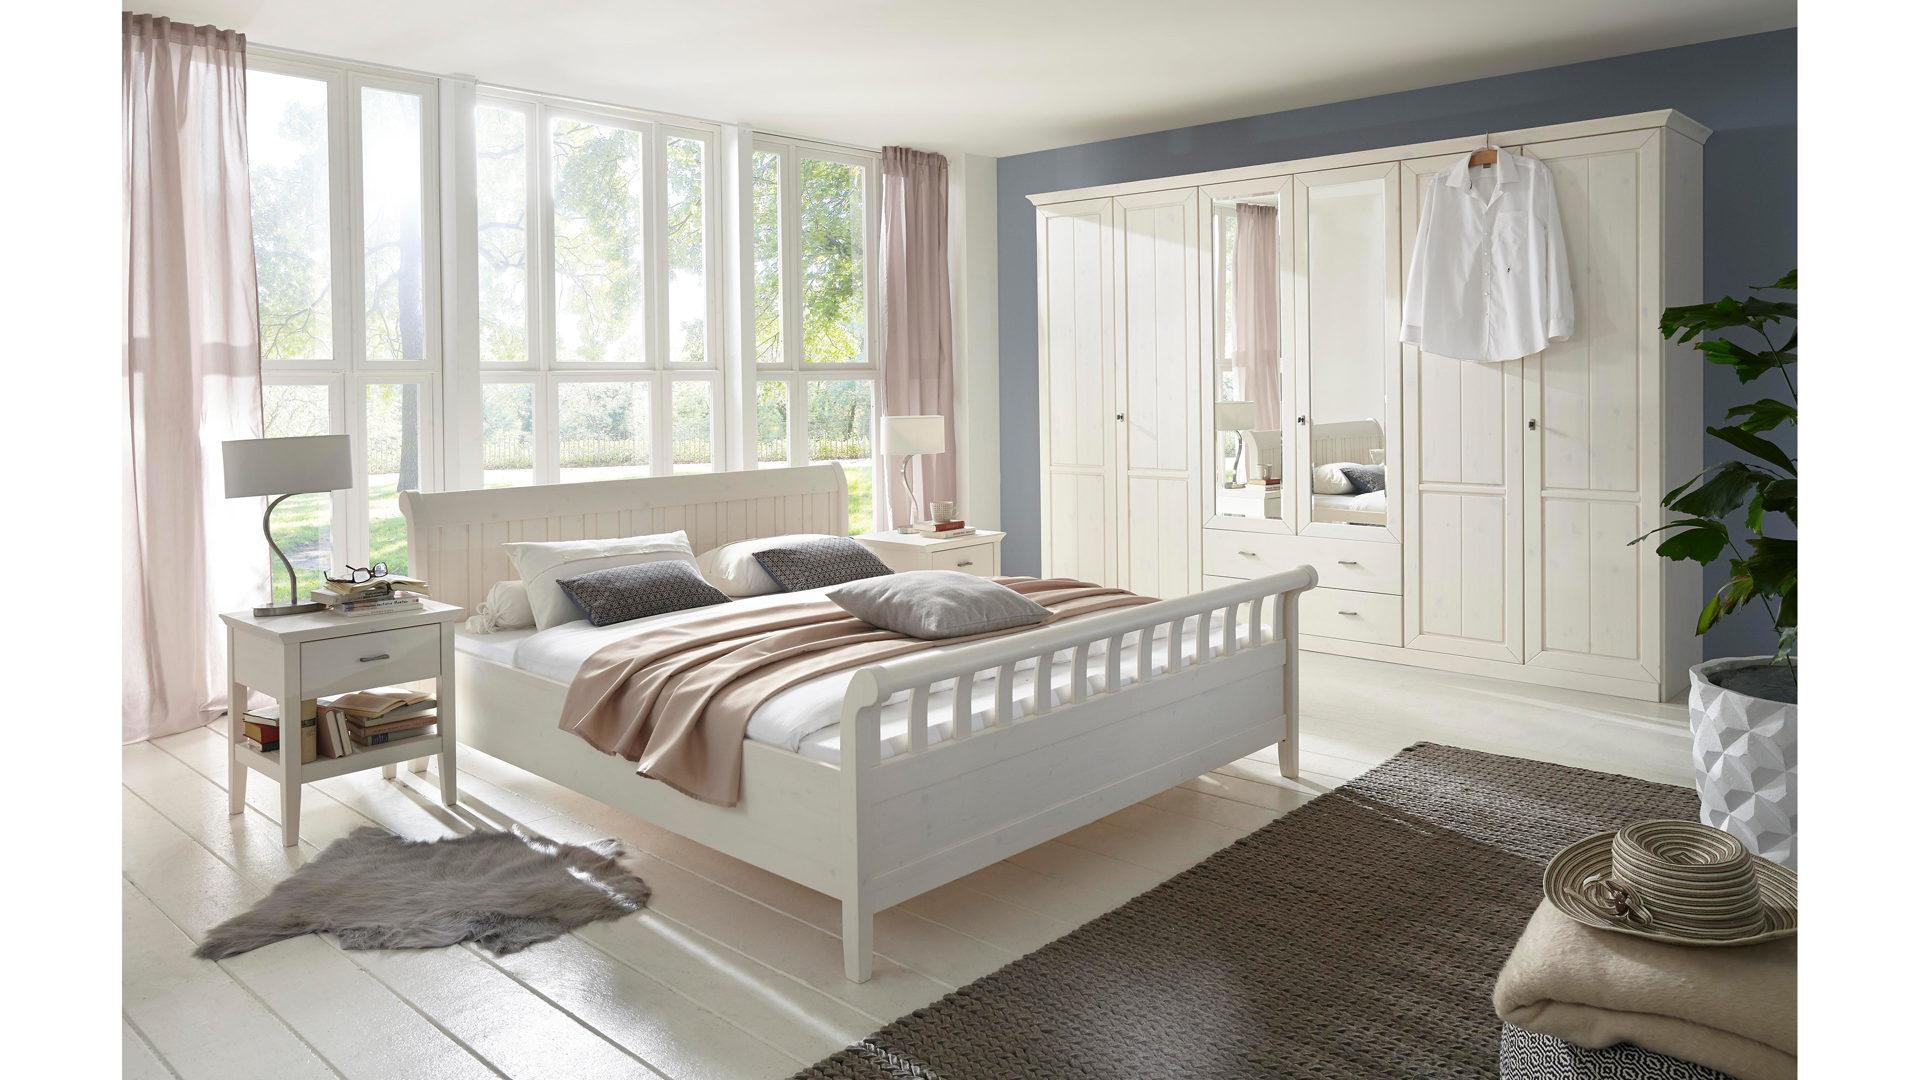 Landhausmöbel Schlafzimmer Weiß | rheumri.com